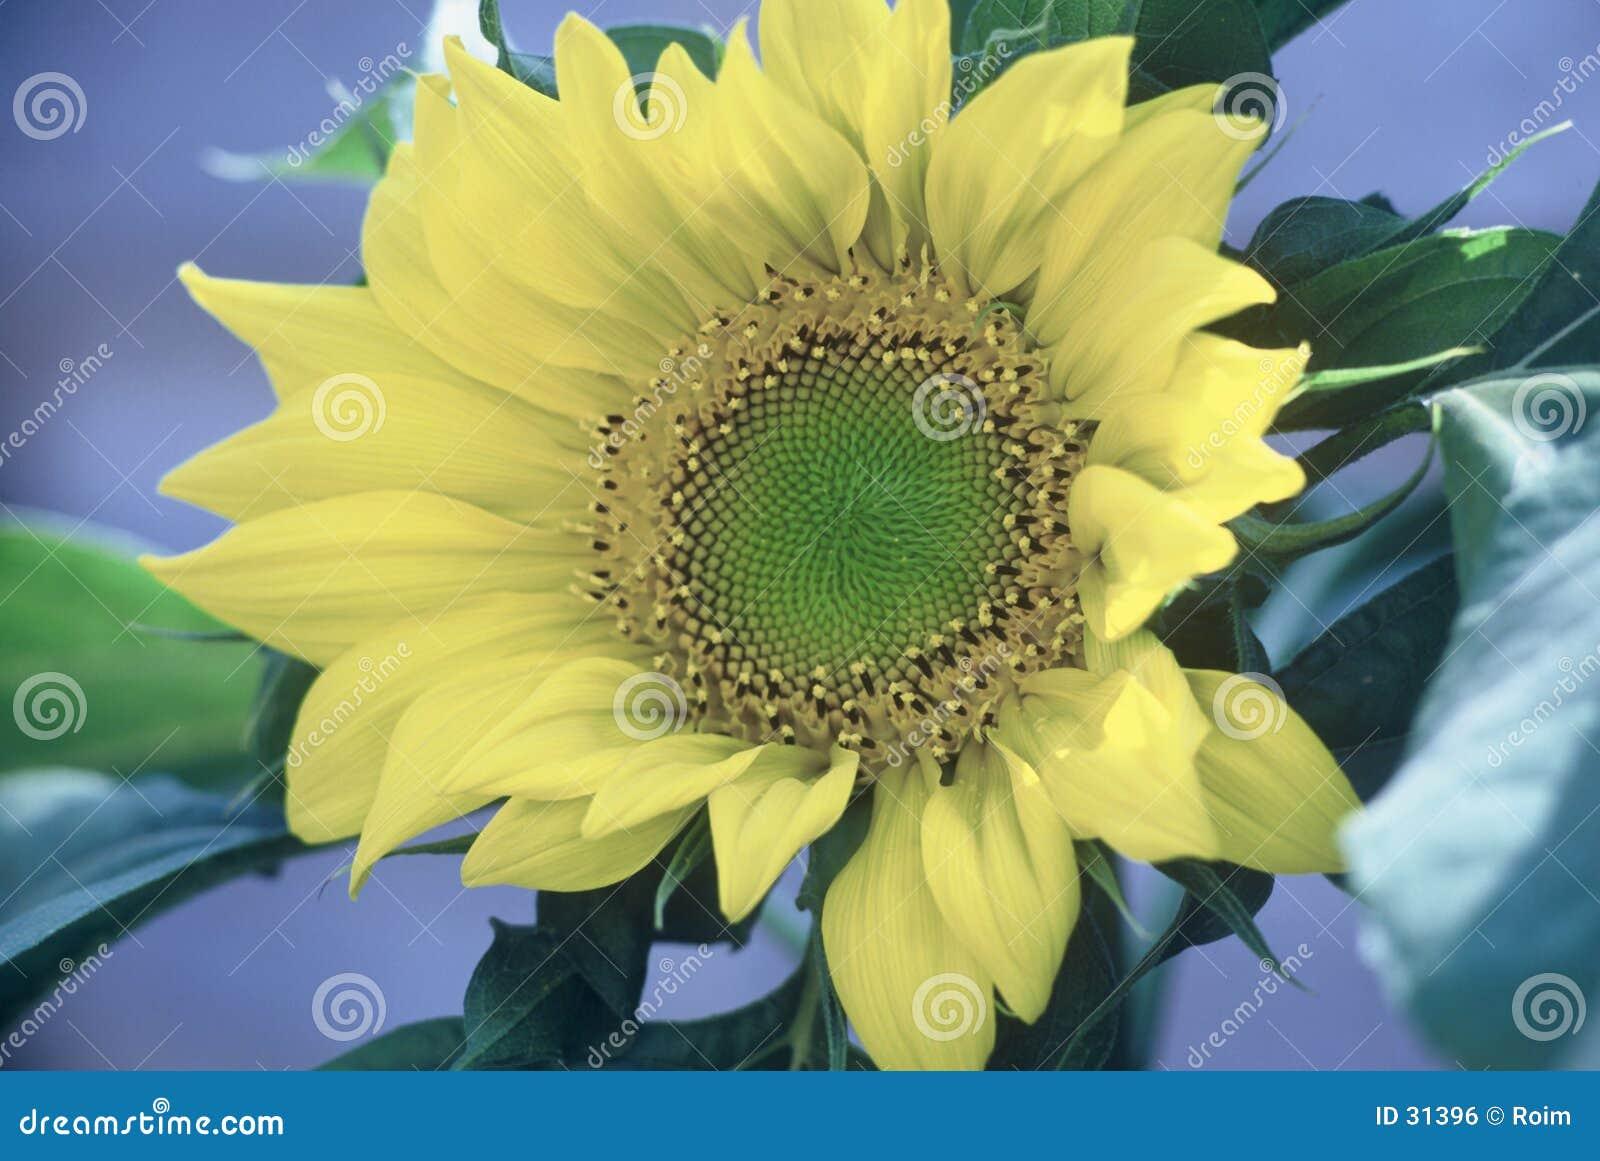 Download Zonnebloem stock foto. Afbeelding bestaande uit groen, bloesem - 31396